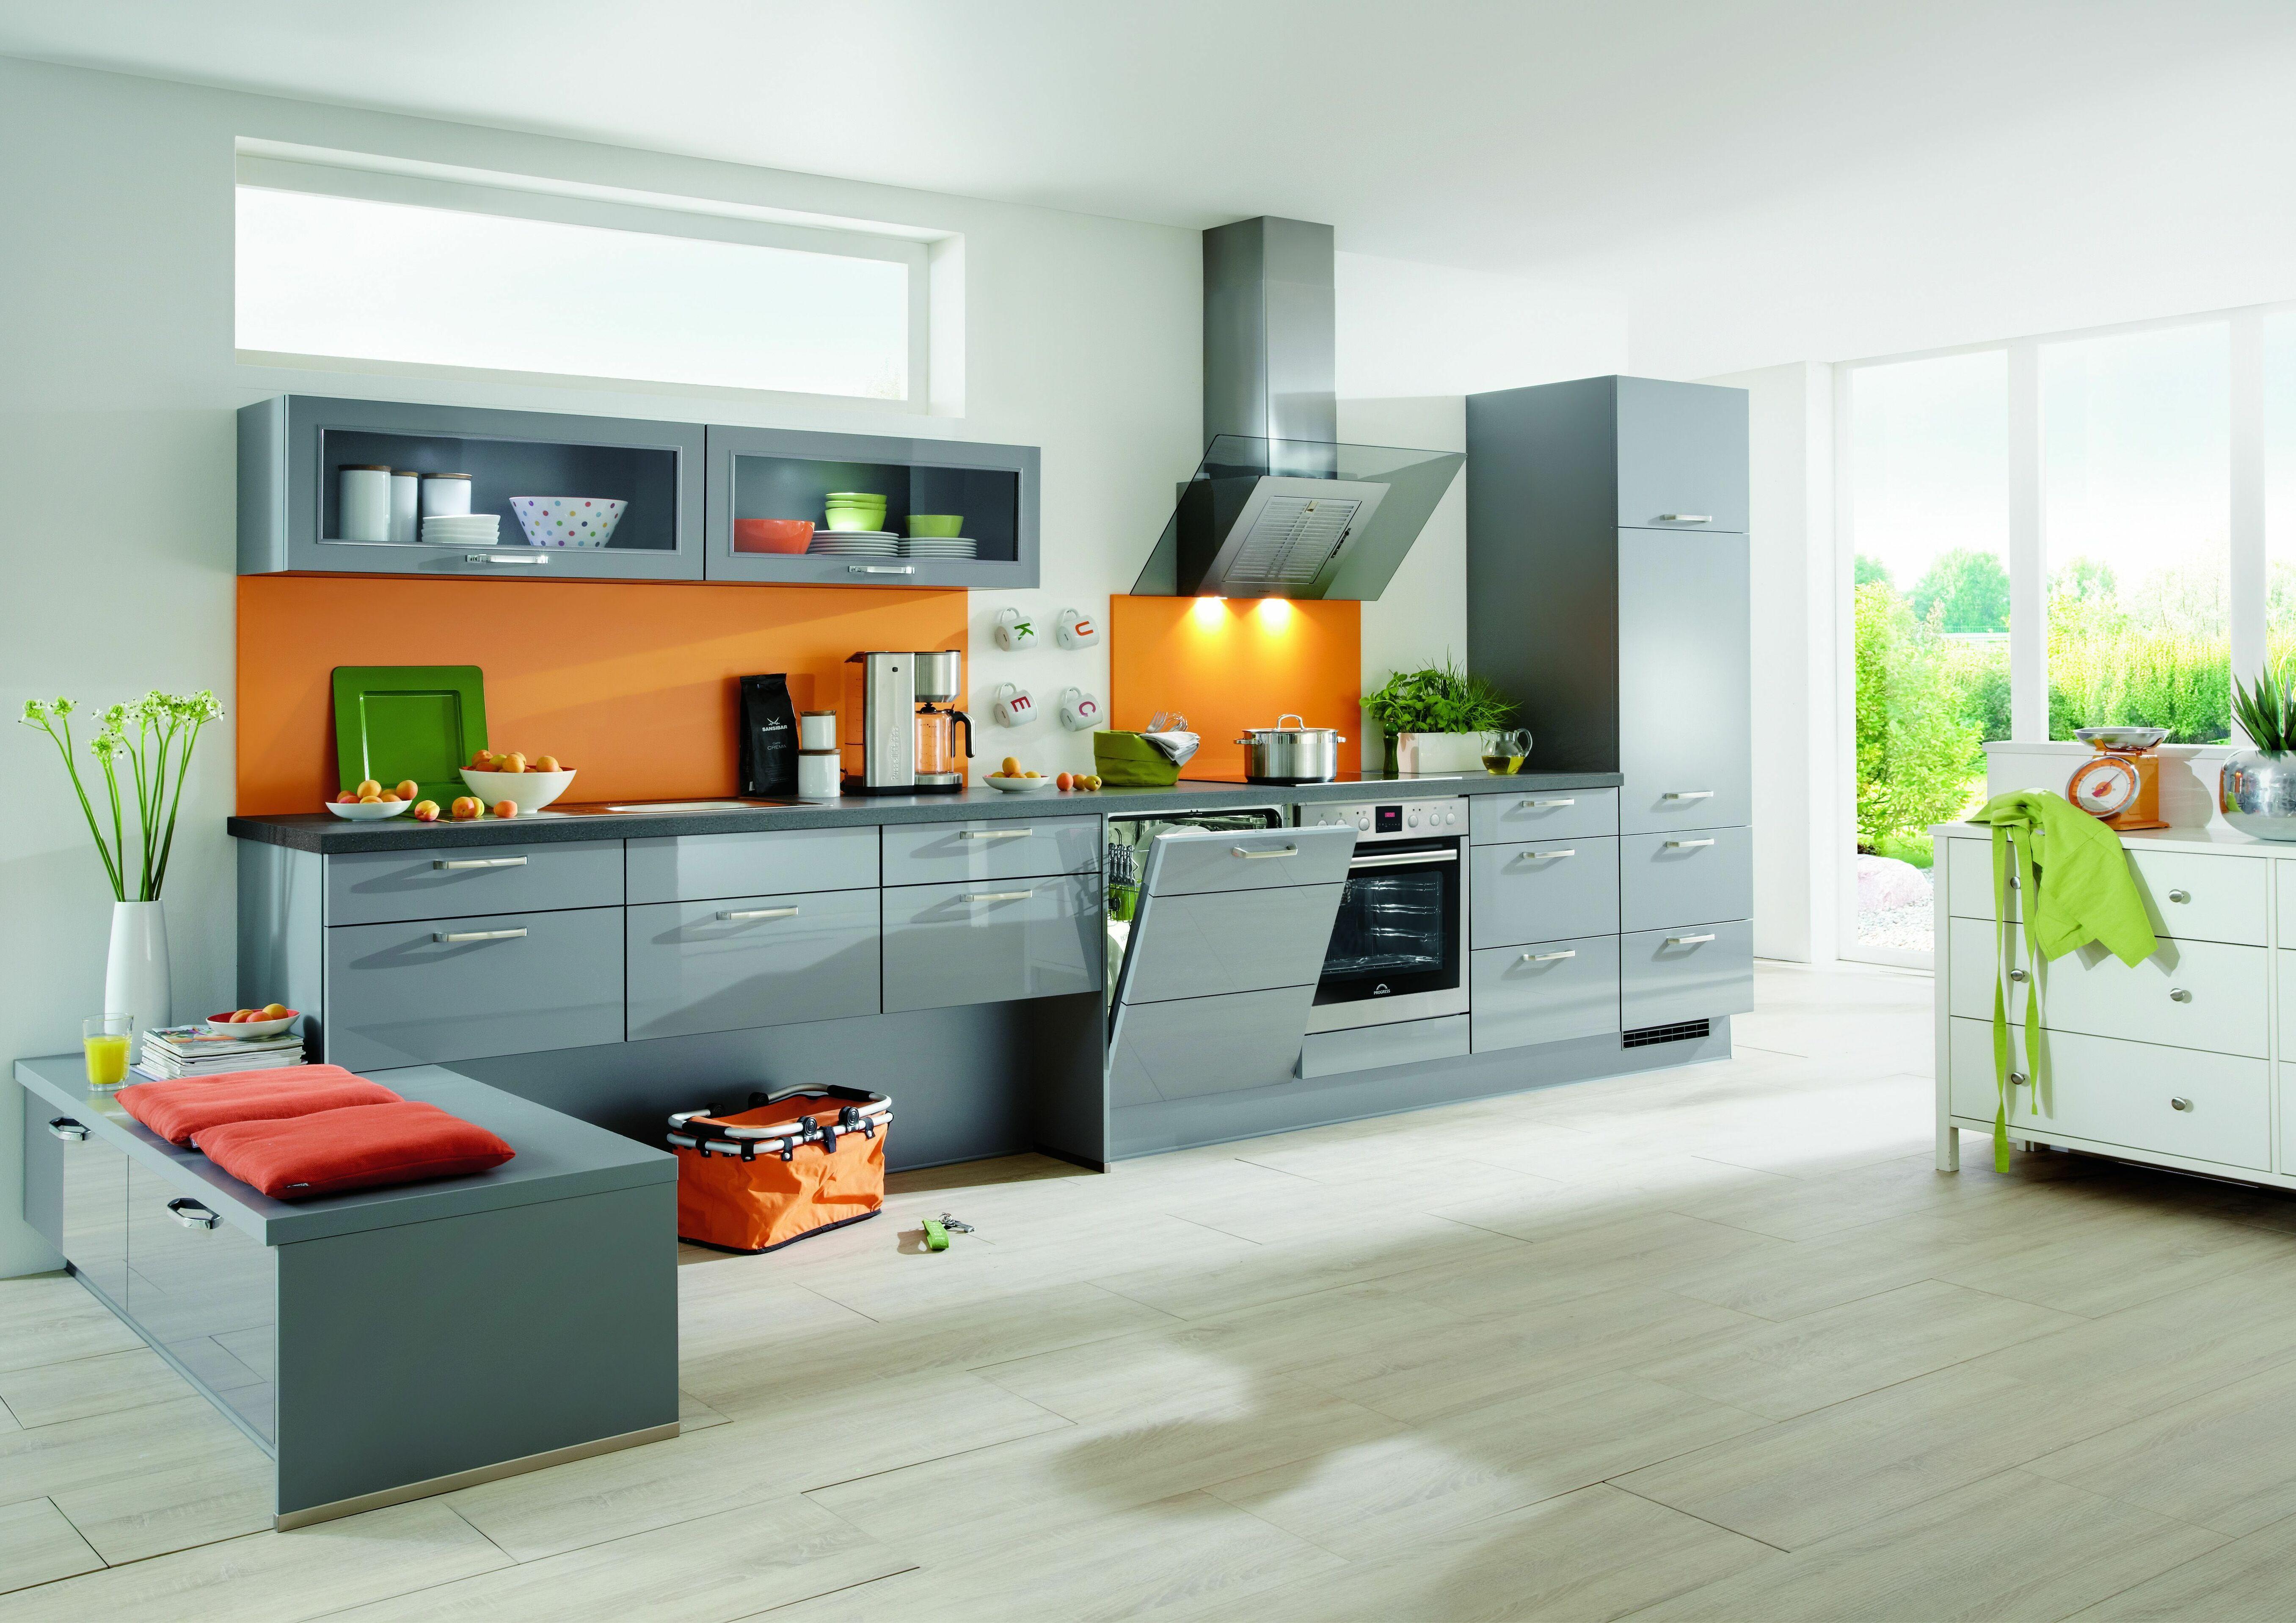 Wunderbar Aktuelle Farbtrends Küchenschränke Bilder - Ideen Für Die ...